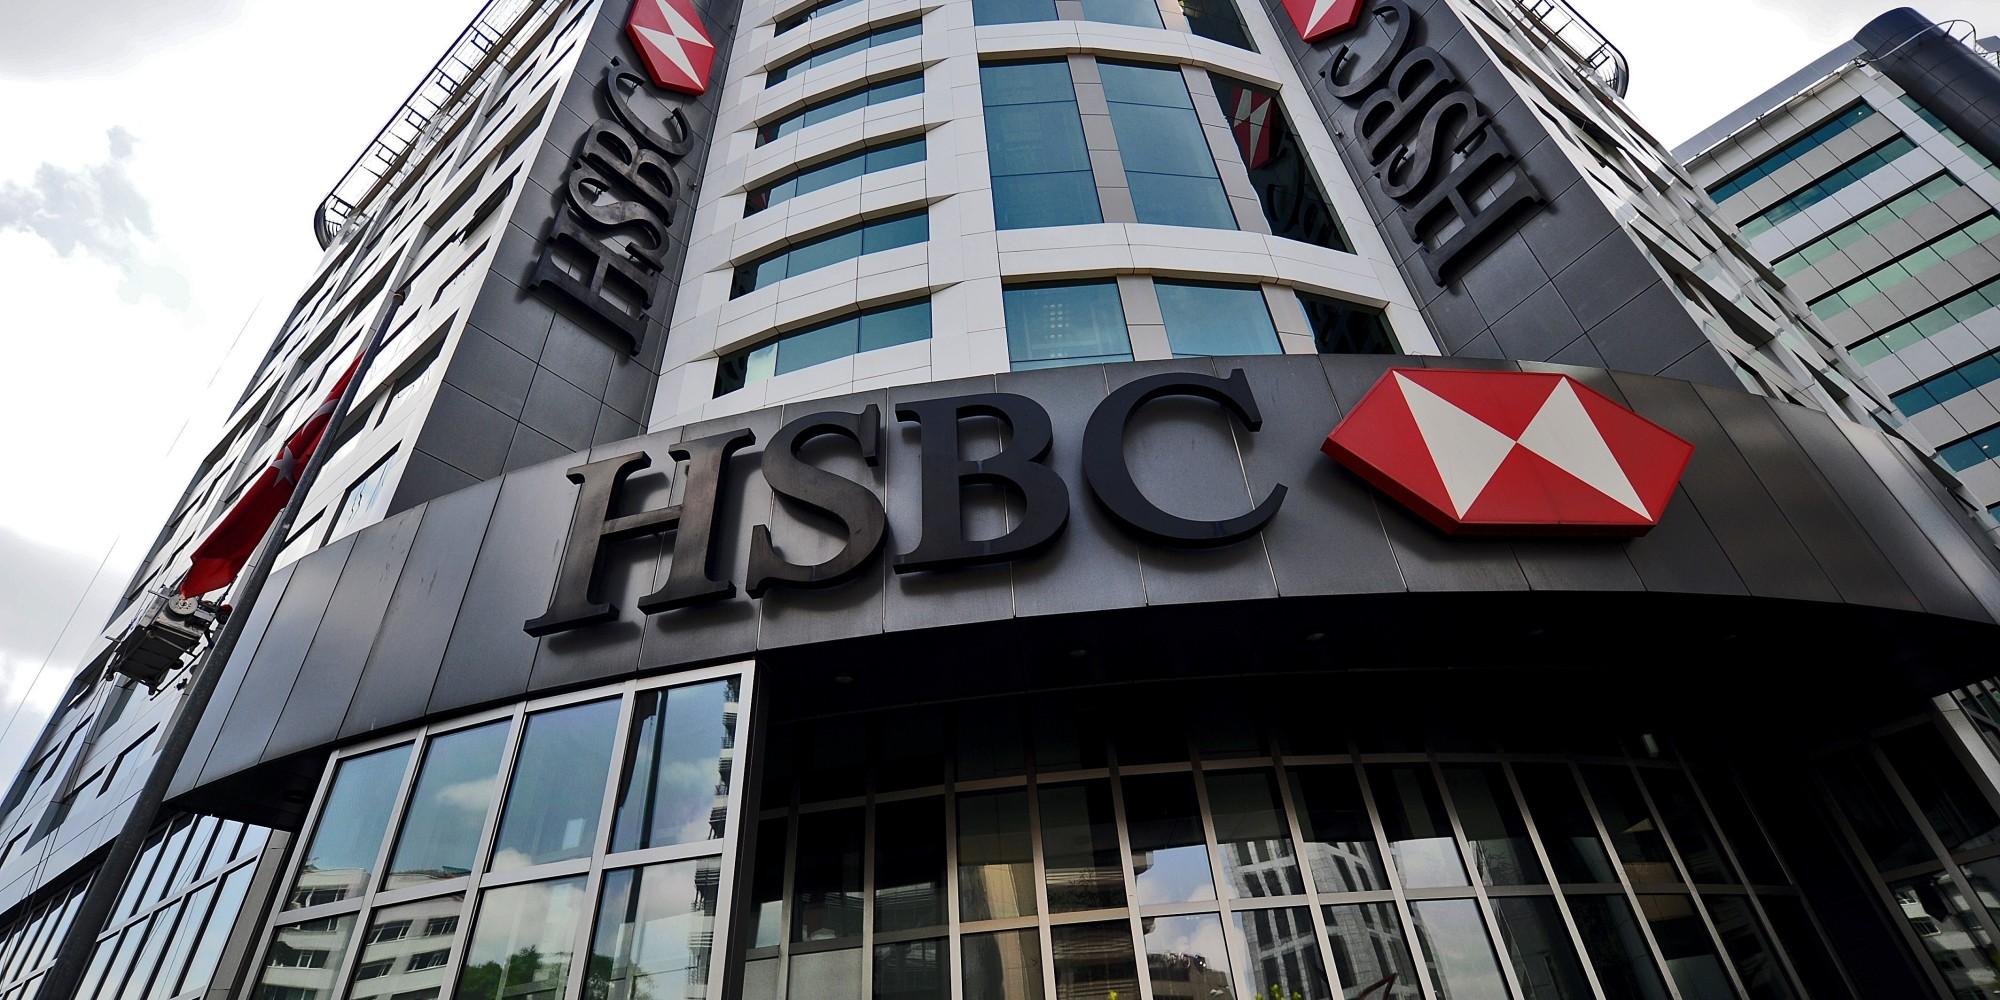 بنك HSBC يتوقع ركود الاقتصاد الأوروبي بسبب فيروس الكورونا